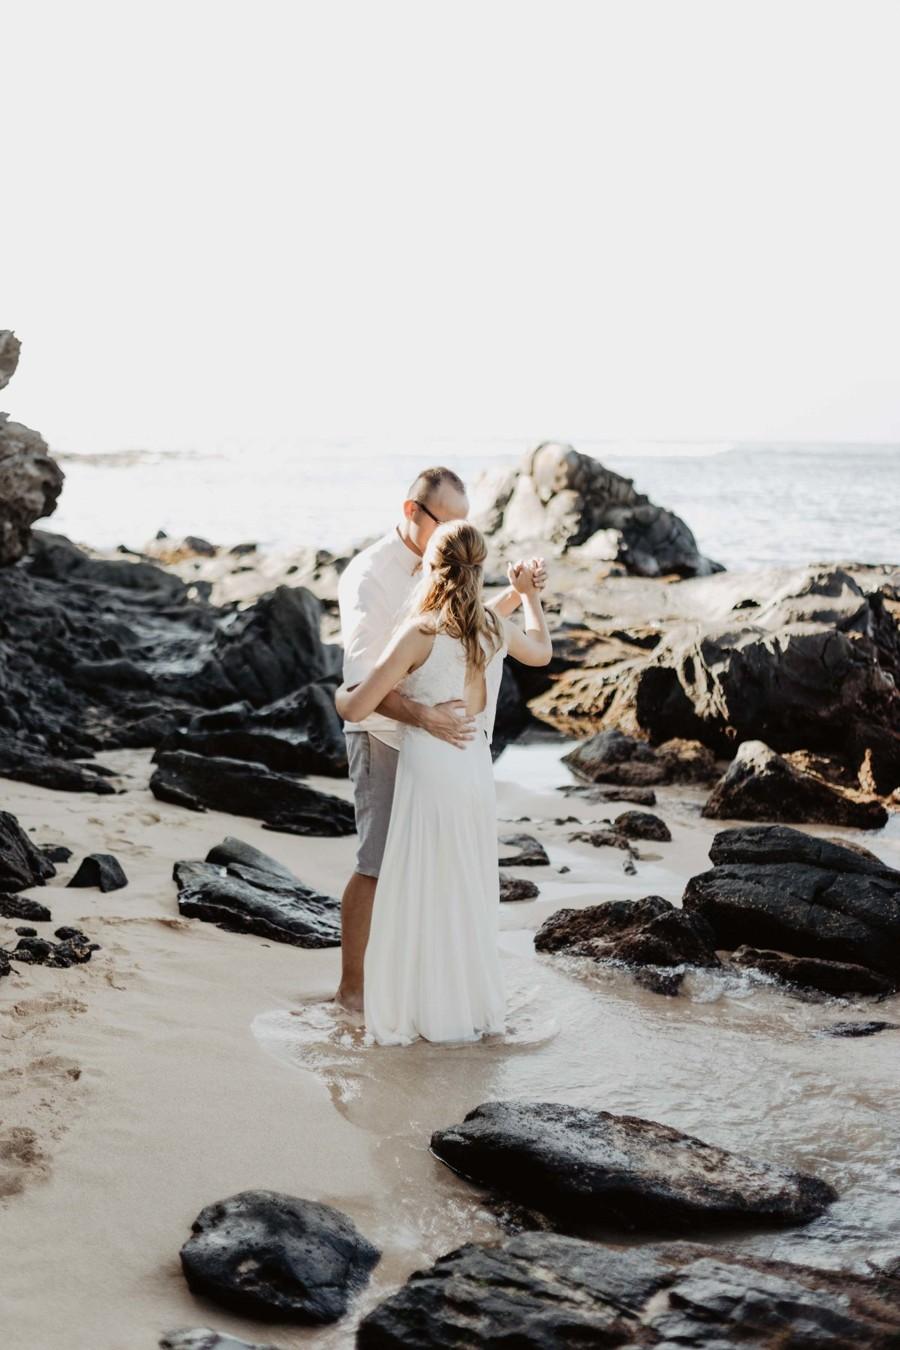 První tanec novomanželů na ostrově Maui.